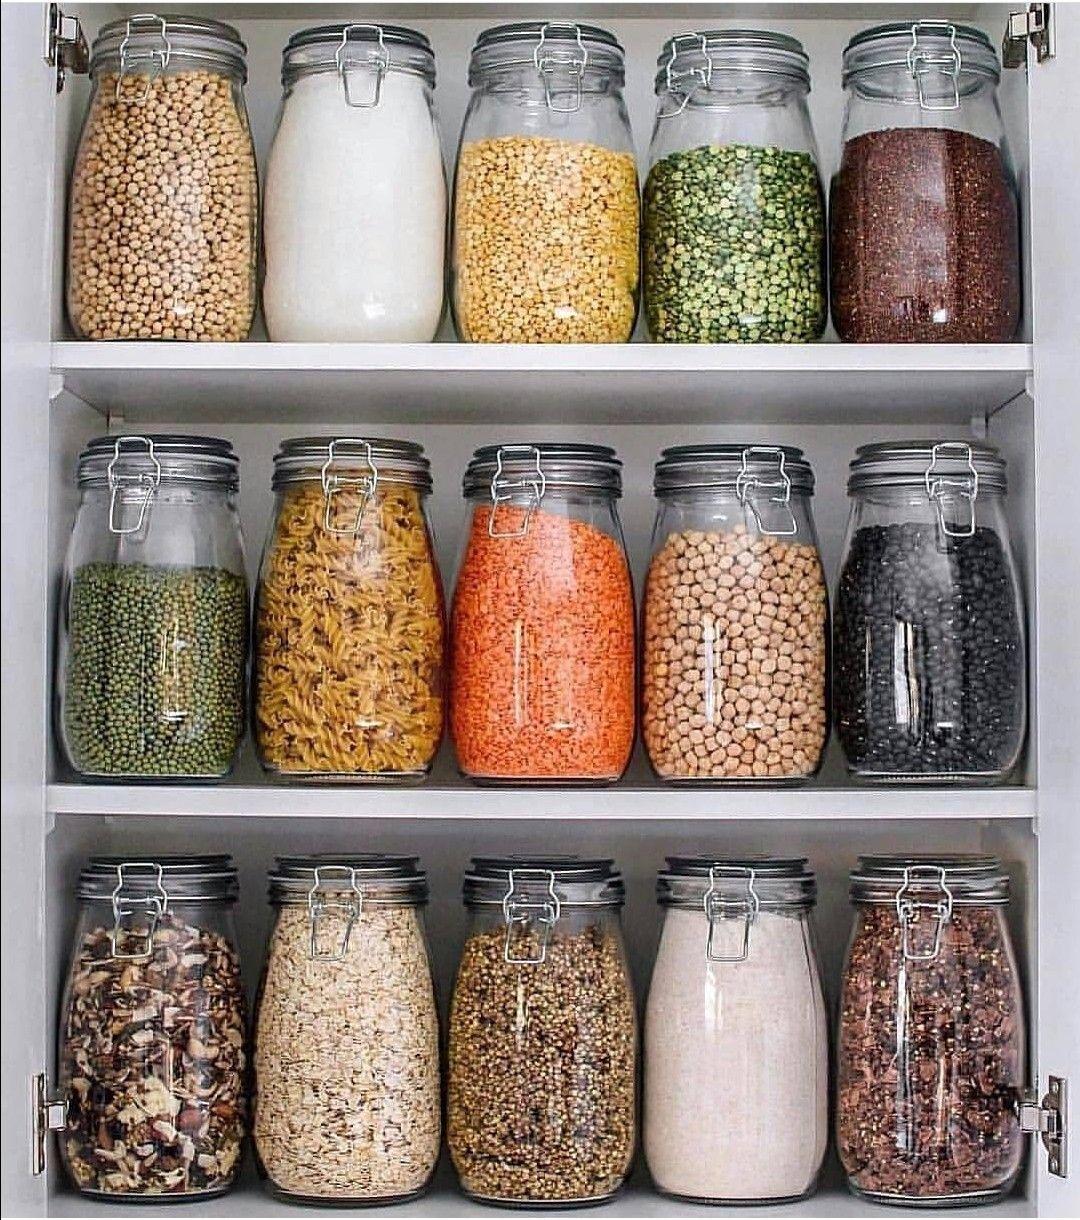 pin by csrogers81 on organization vegan pantry kitchen jars zero waste kitchen on kitchen organization zero waste id=42128